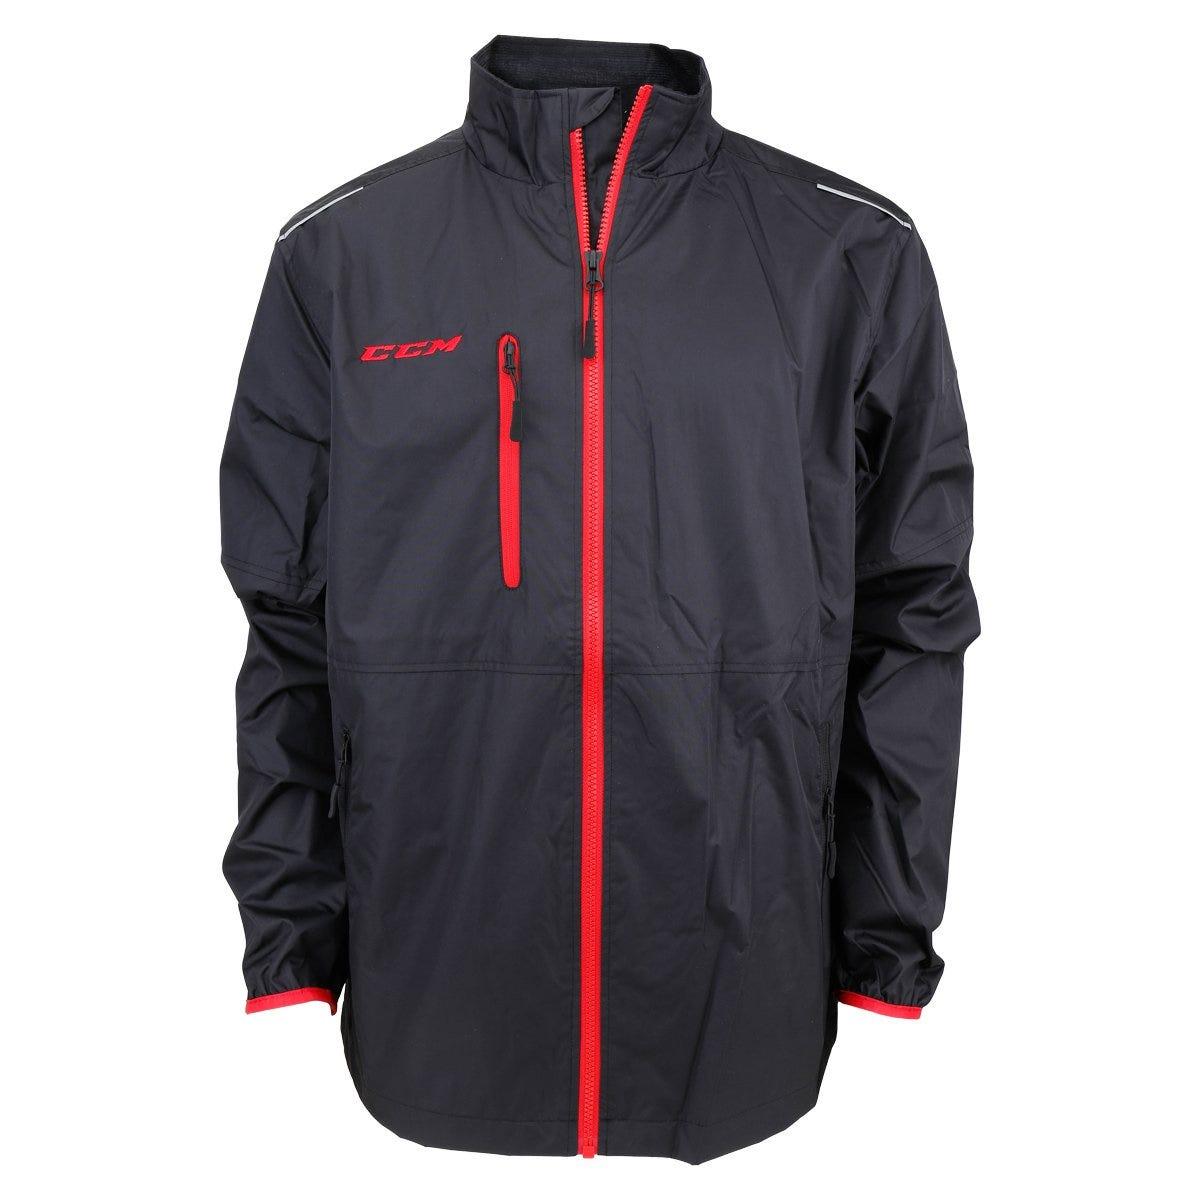 e2b05b23854 SKU-MS1362970 CCM 7170 V2 Team Light Senior Skate Suit Jacket from ...